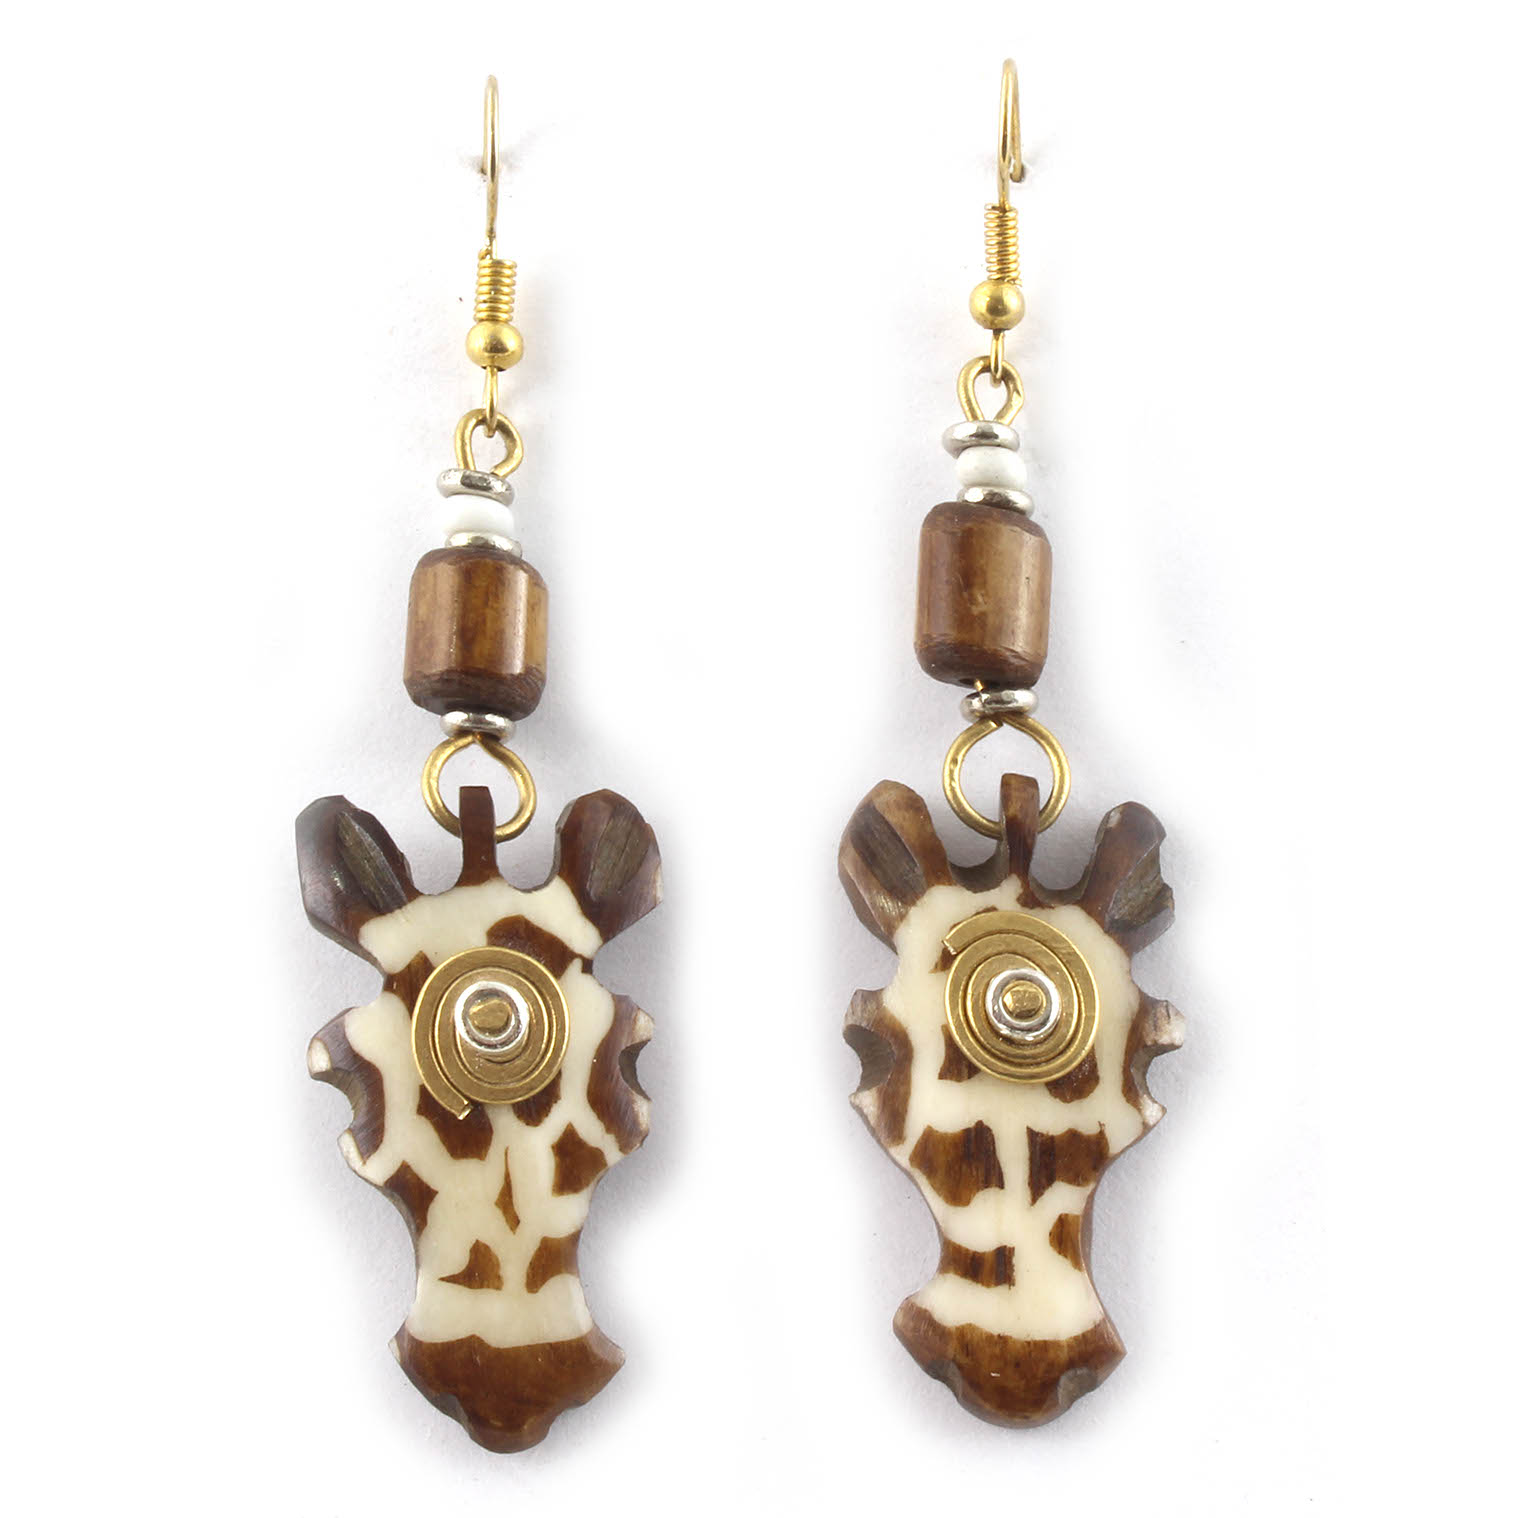 Spiral Giraffe Head Earrings